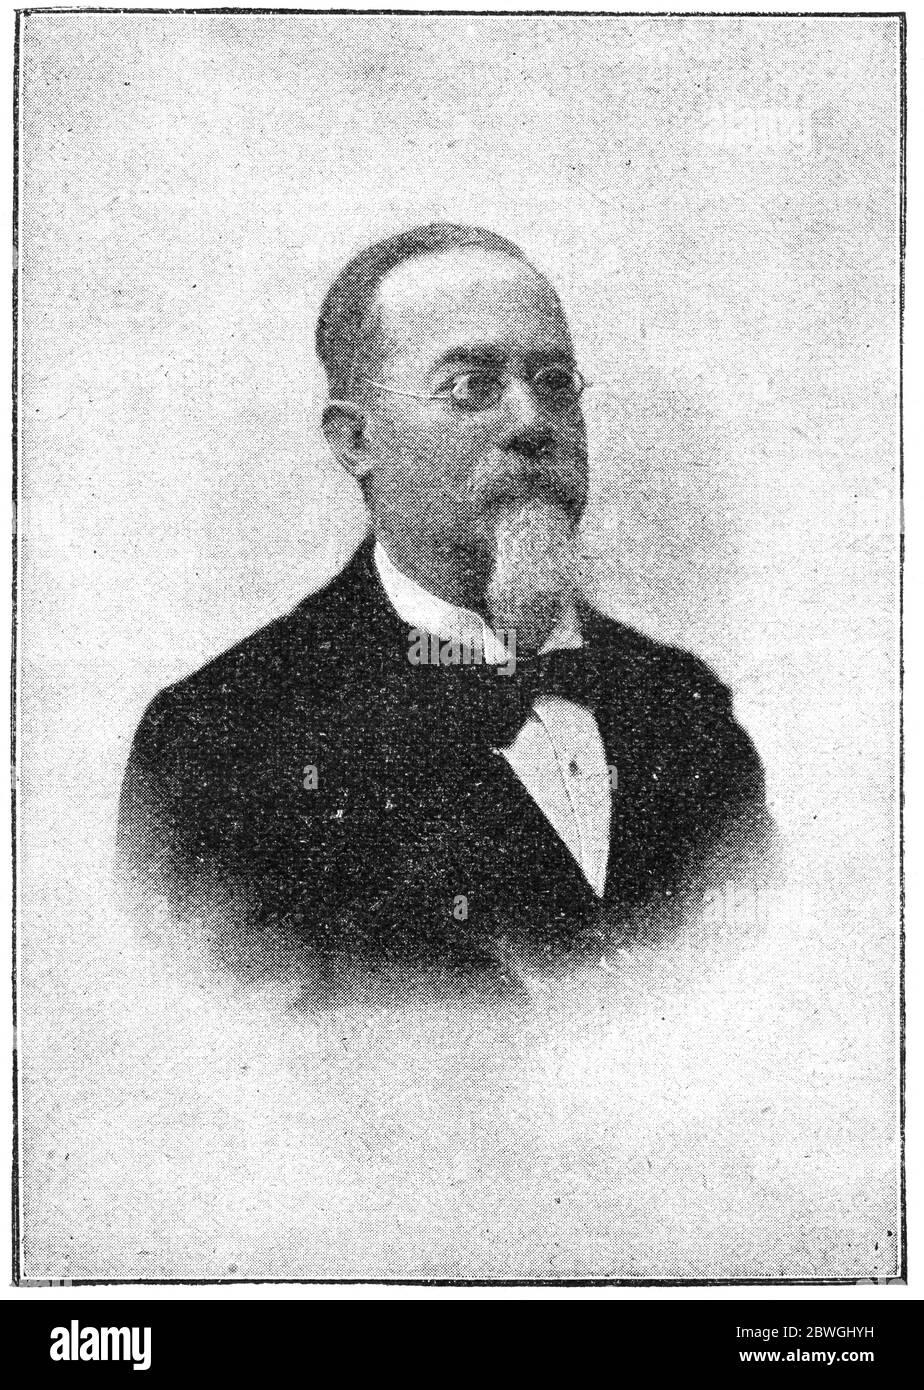 Portrait Of Cesare Lombroso An Italian Criminologist Physician